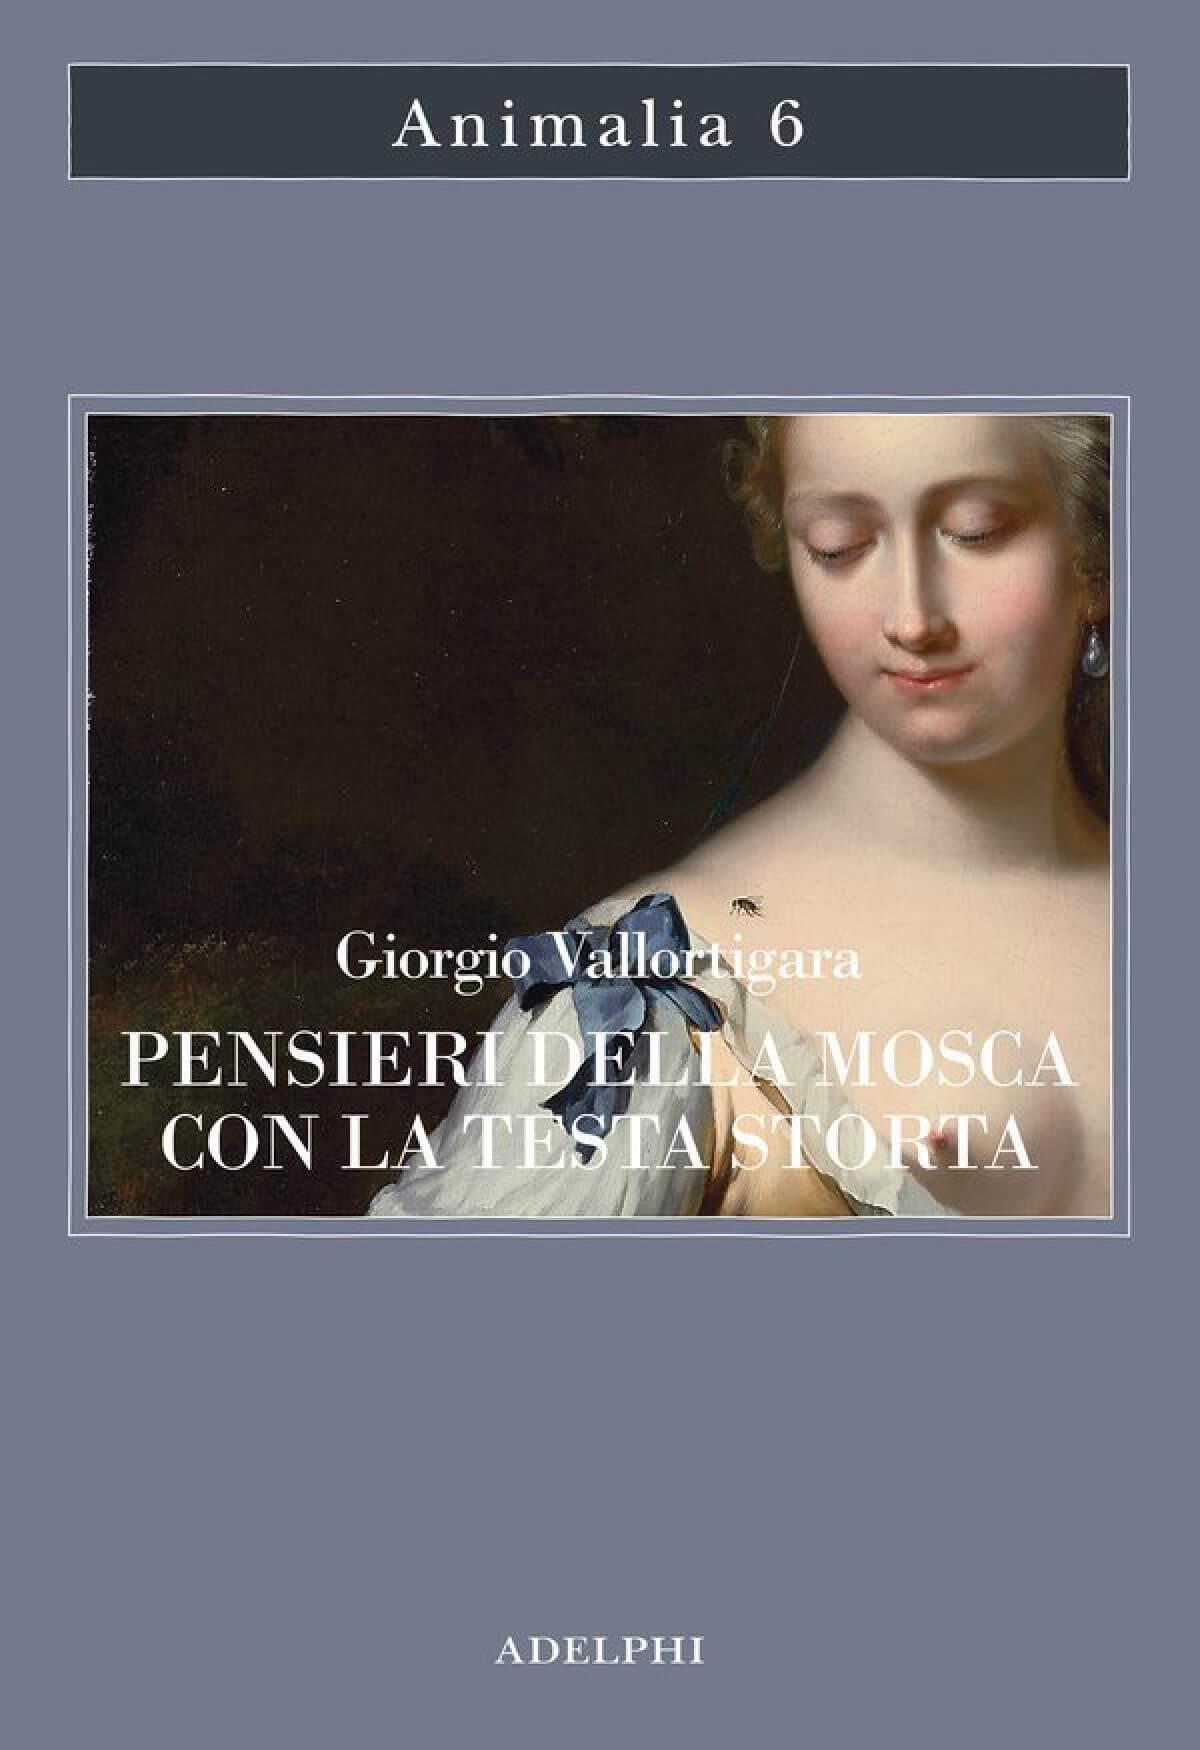 Giorgio Vallortigara, Pensieri della mosca con la testa storta, Adelphi